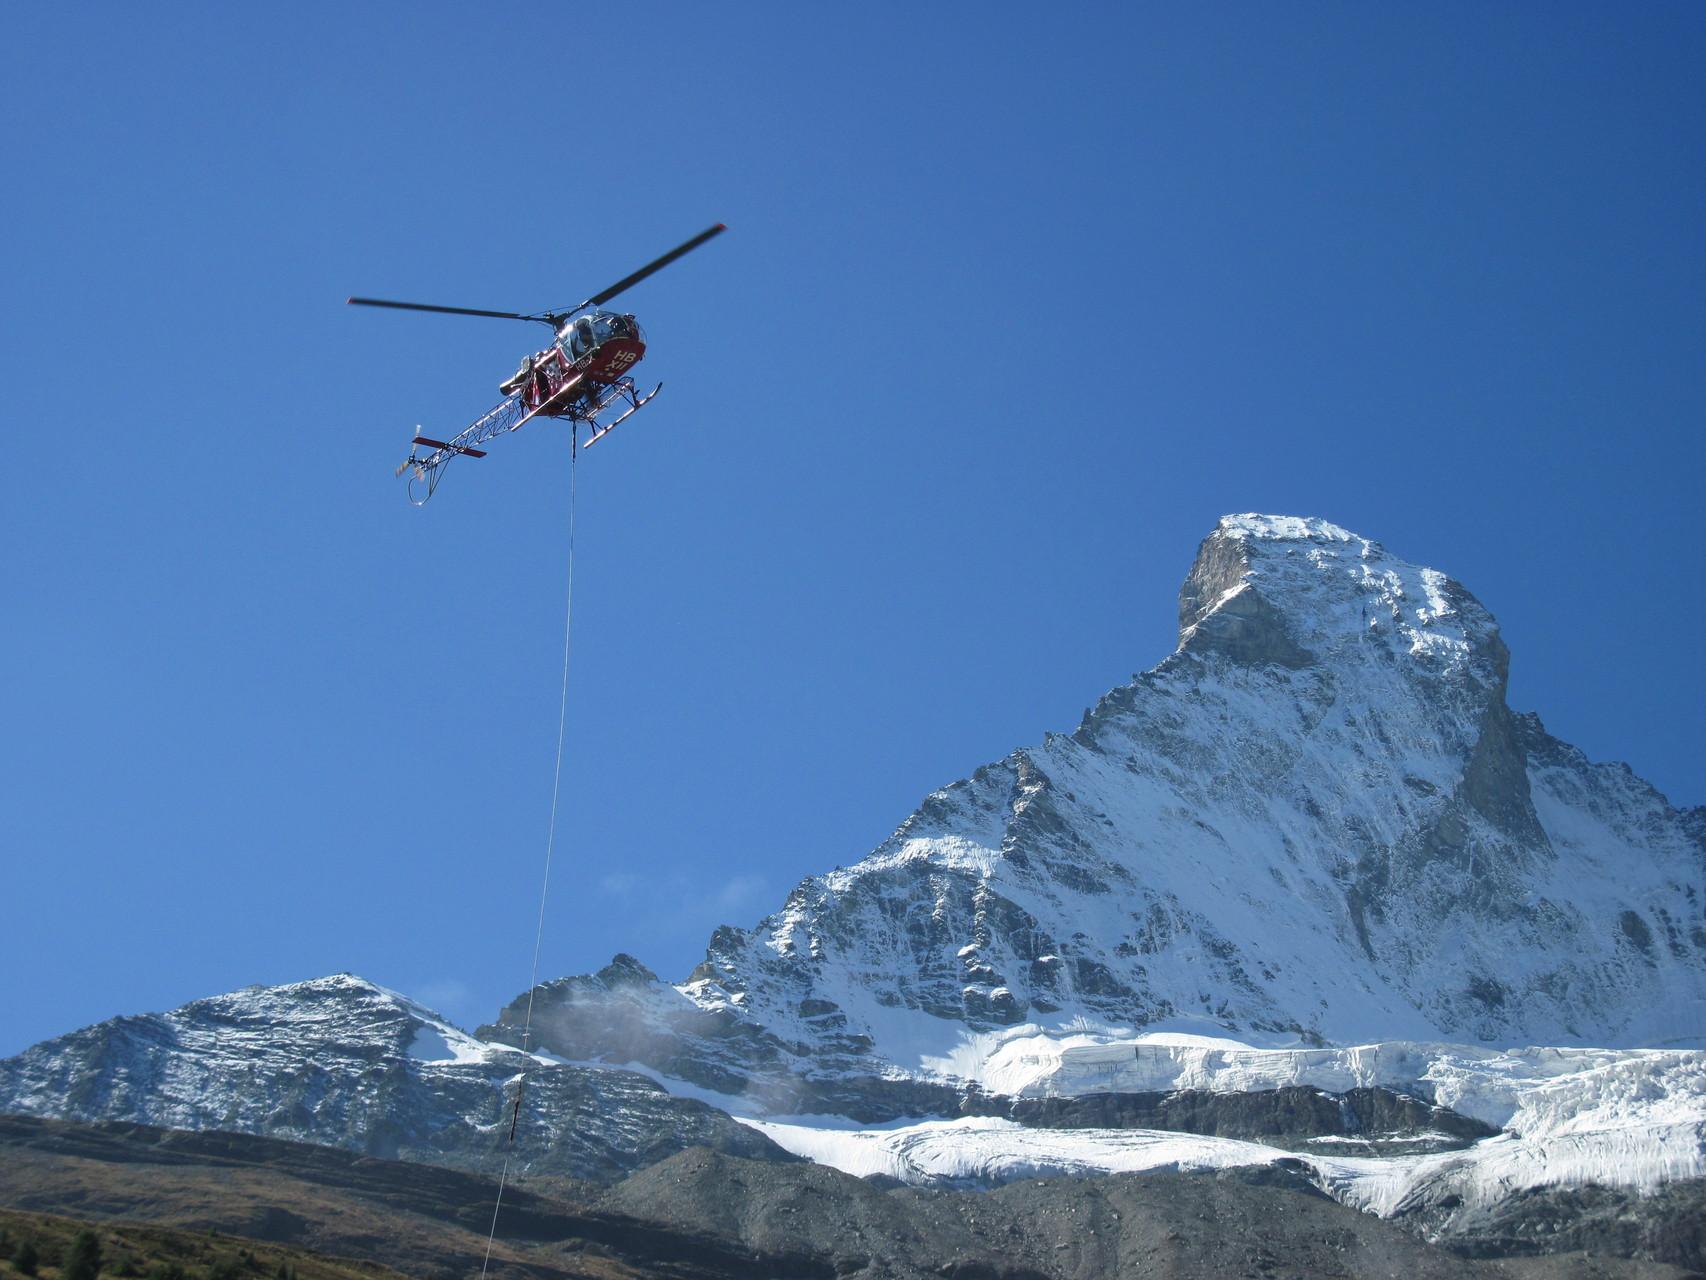 Matterhorn mit Heli vo Air Zermatt